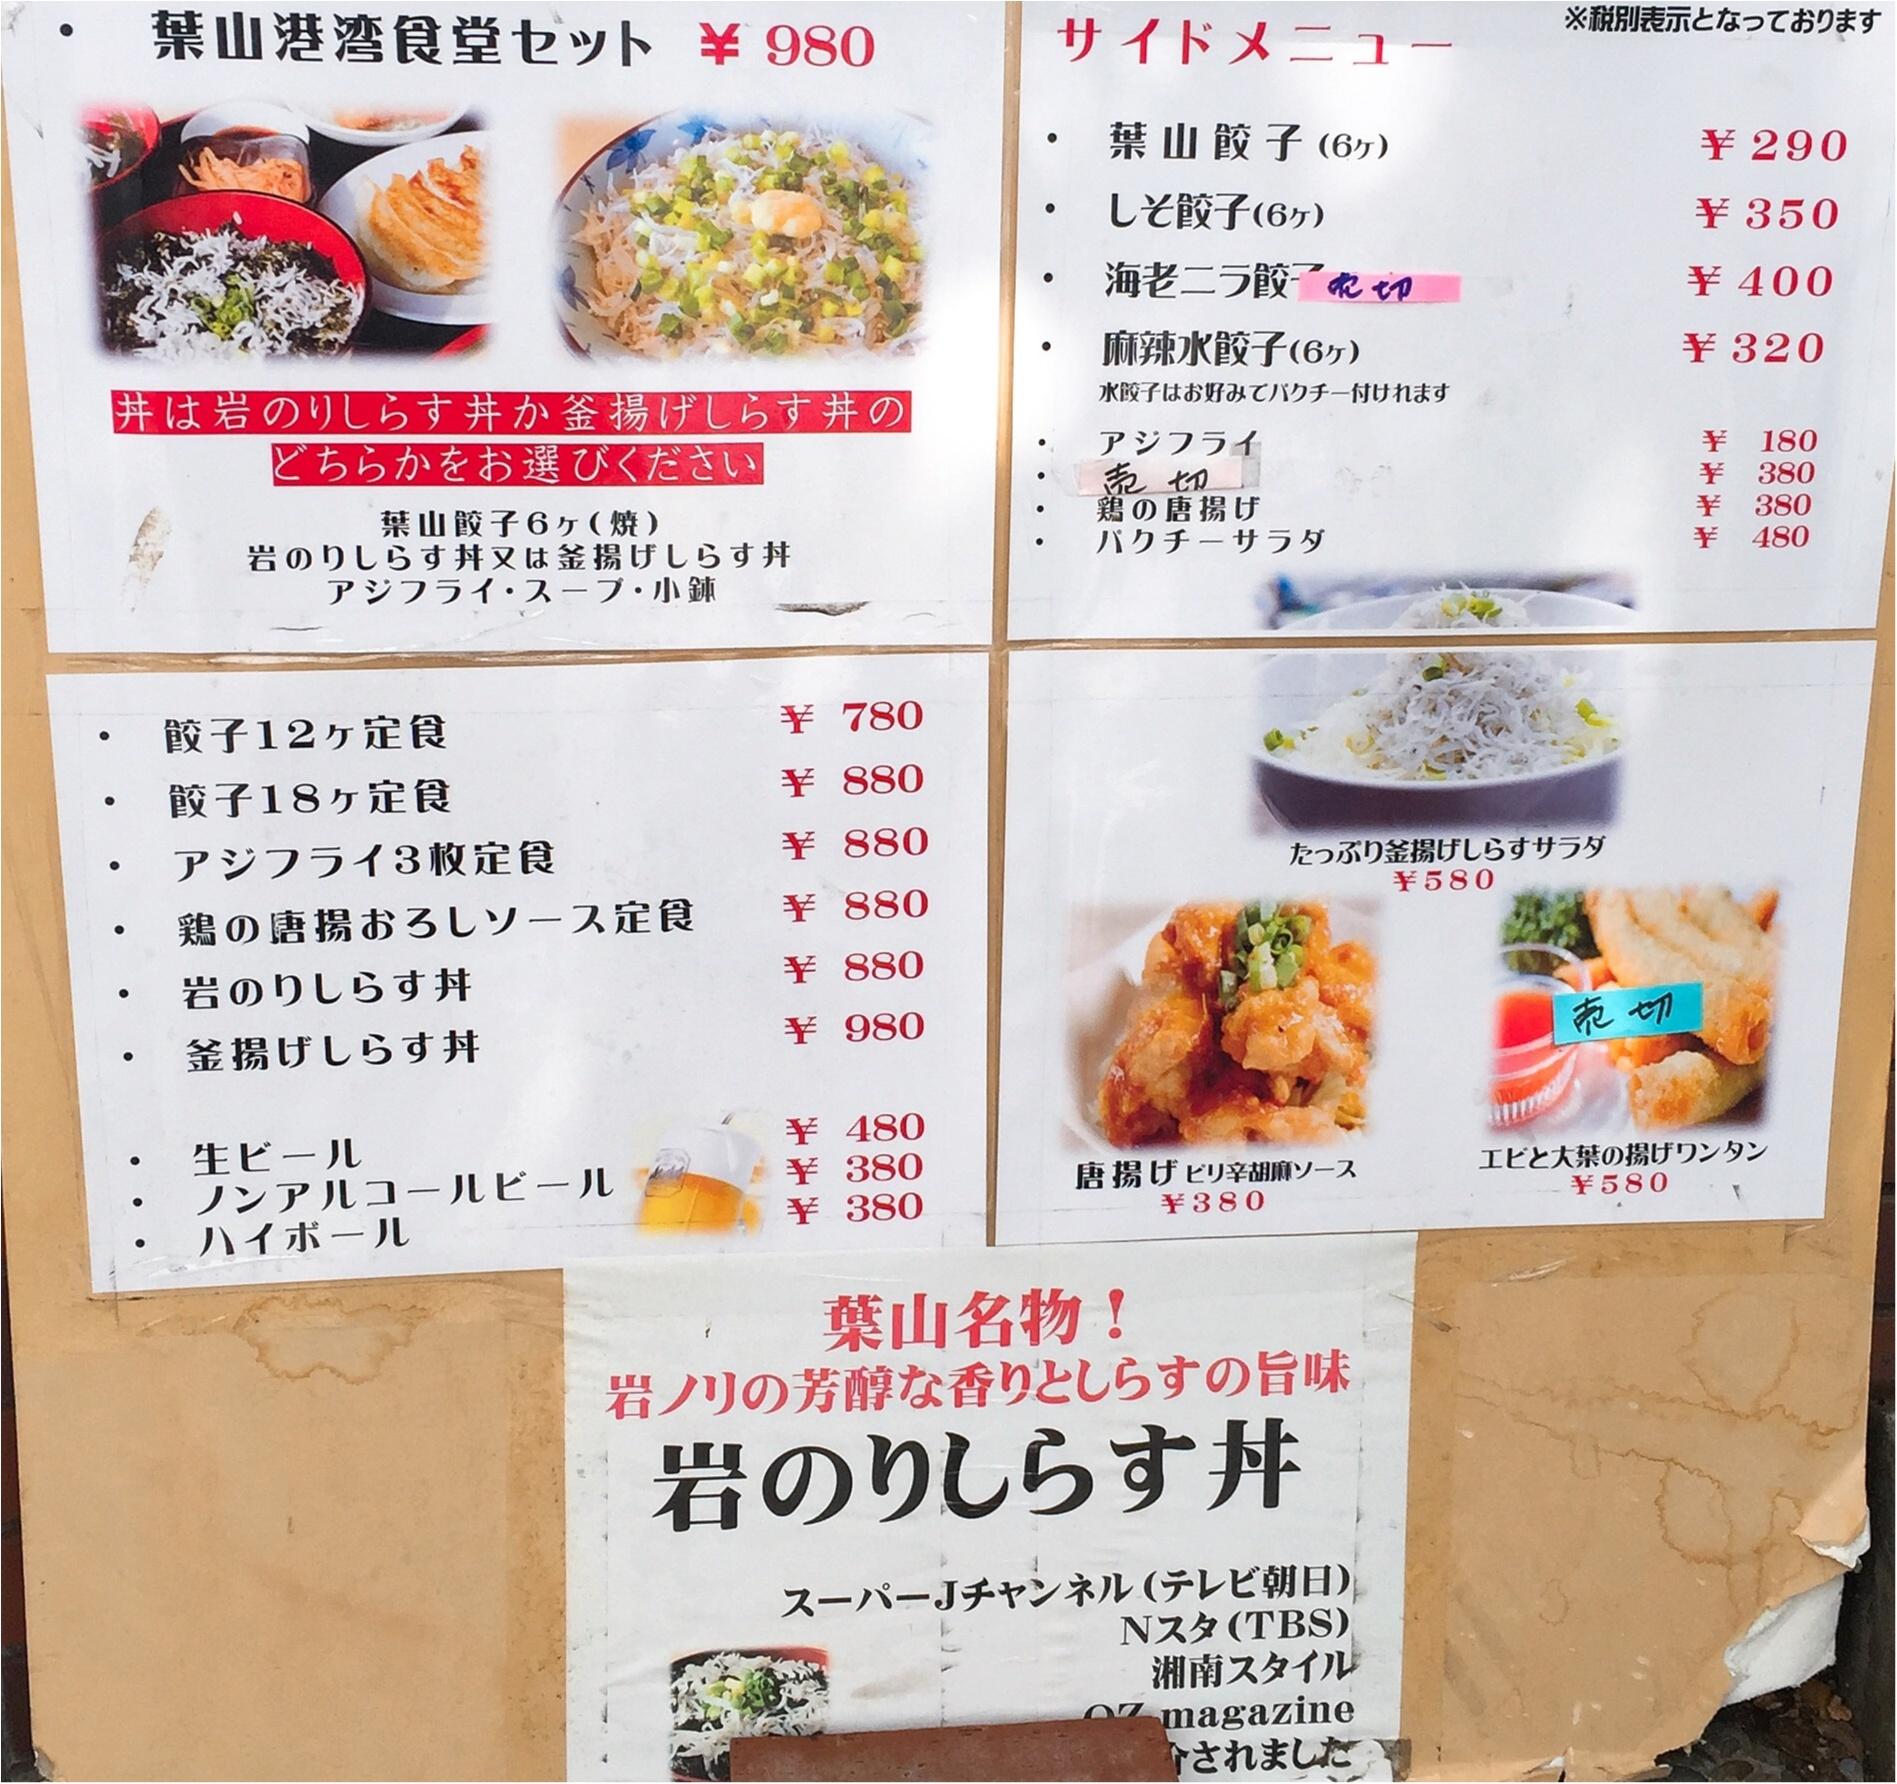 【神奈川・葉山】中華街重慶飯店元料理長が作る「葉山餃子&しらす丼」を堪能♩≪samenyan≫_6